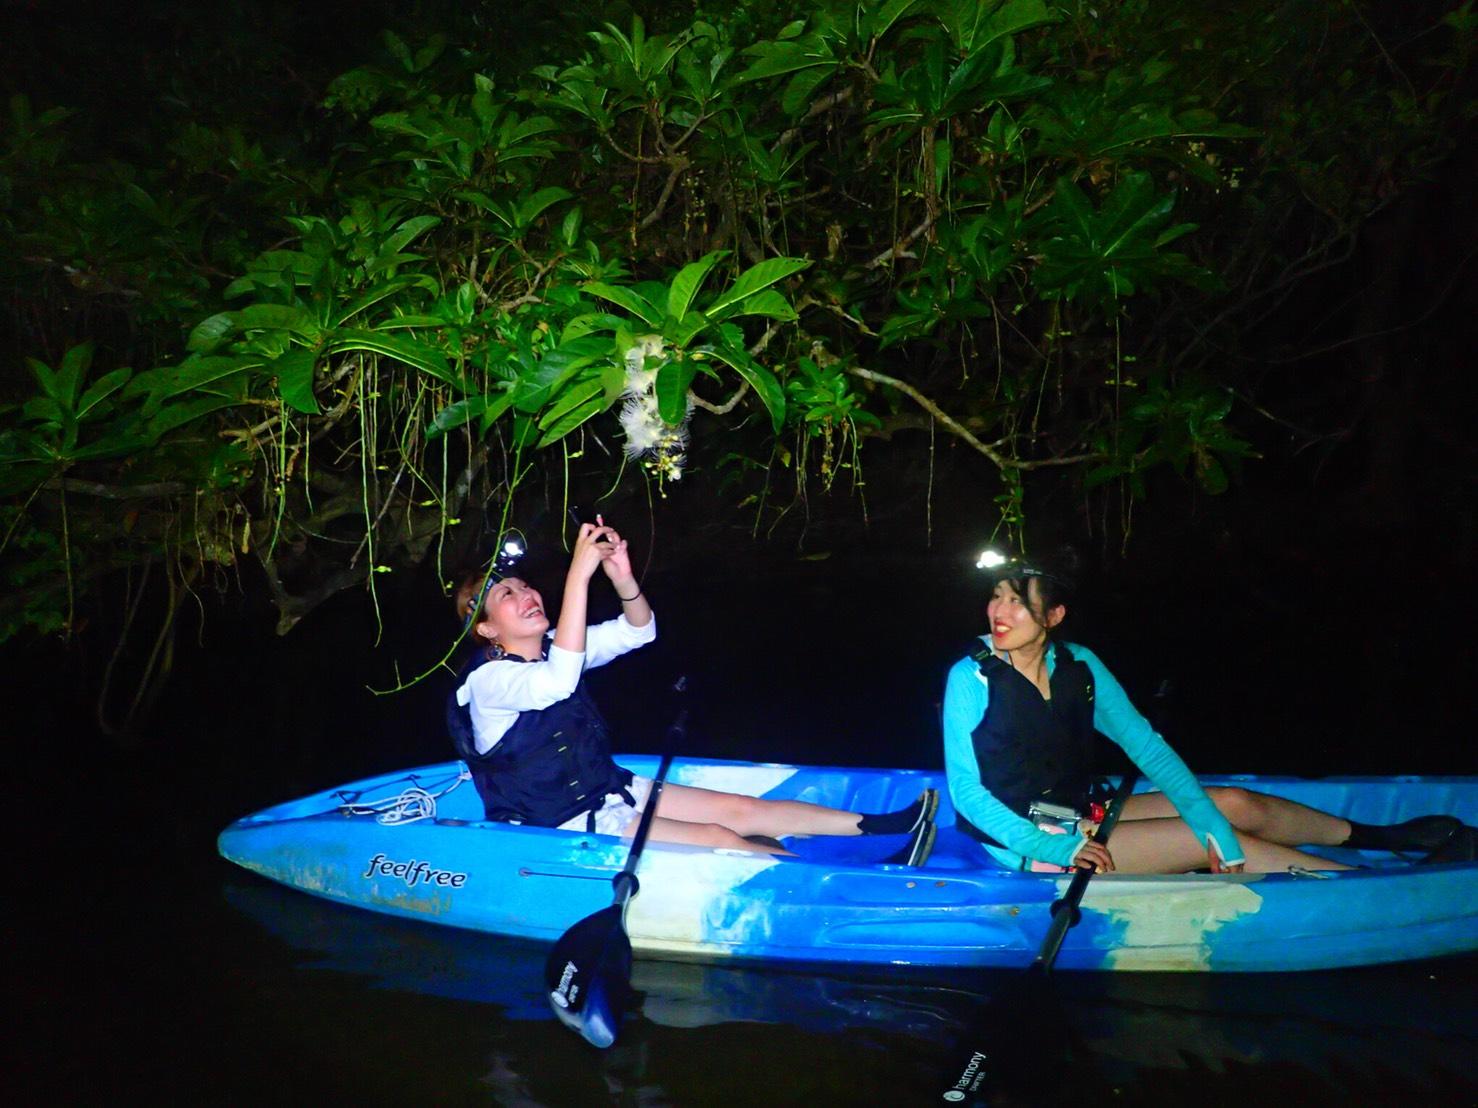 石垣島のナイトカヌーツアー